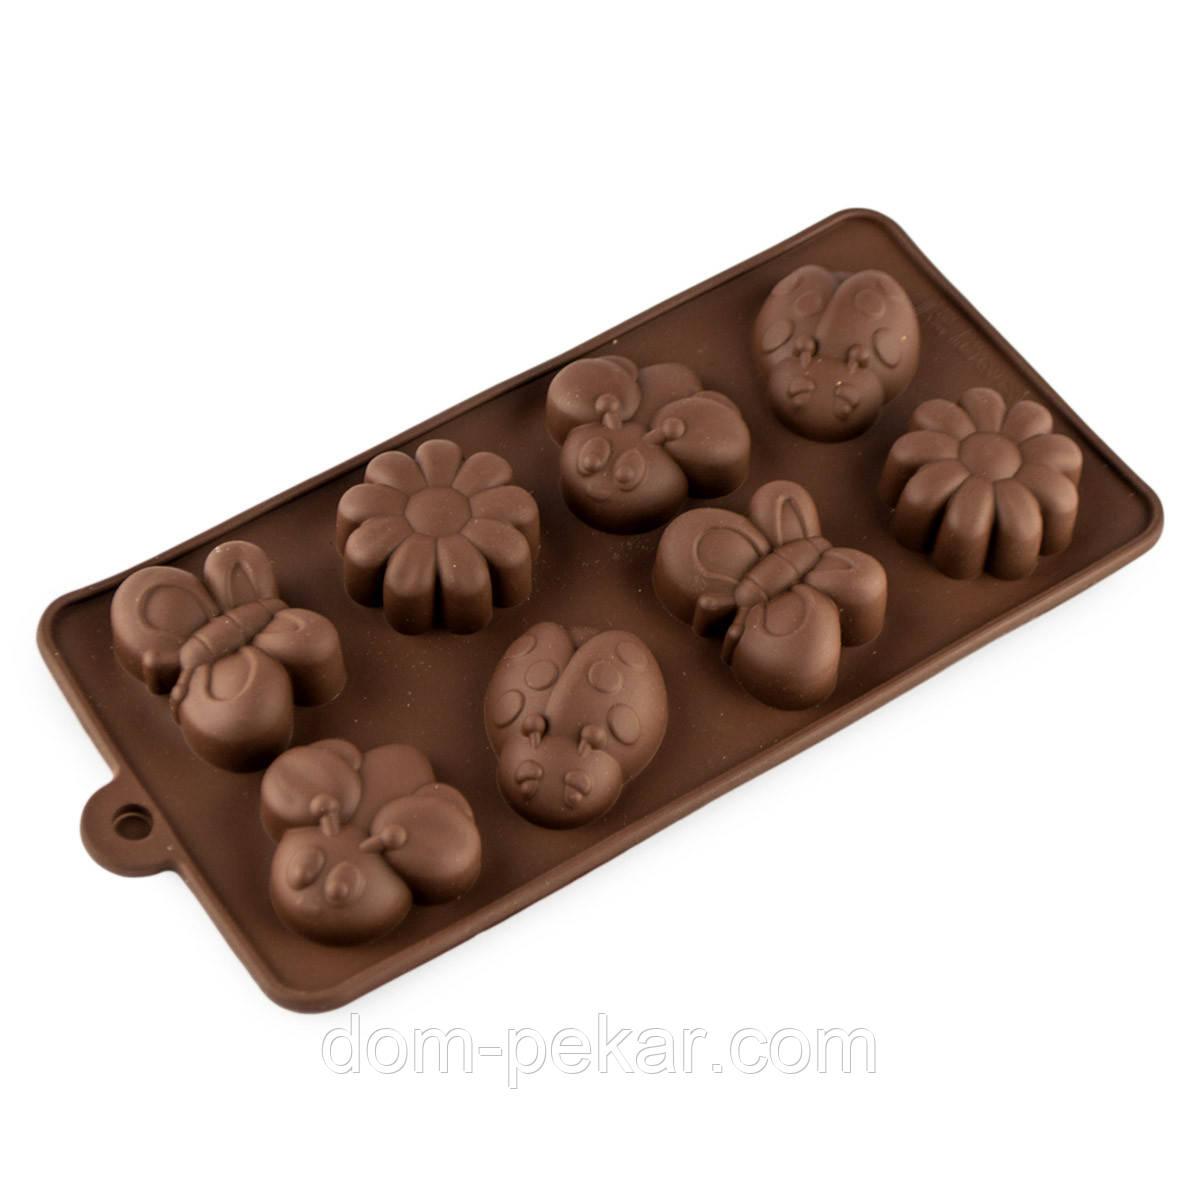 Форма для конфет силикон Божья коровка 8 шт